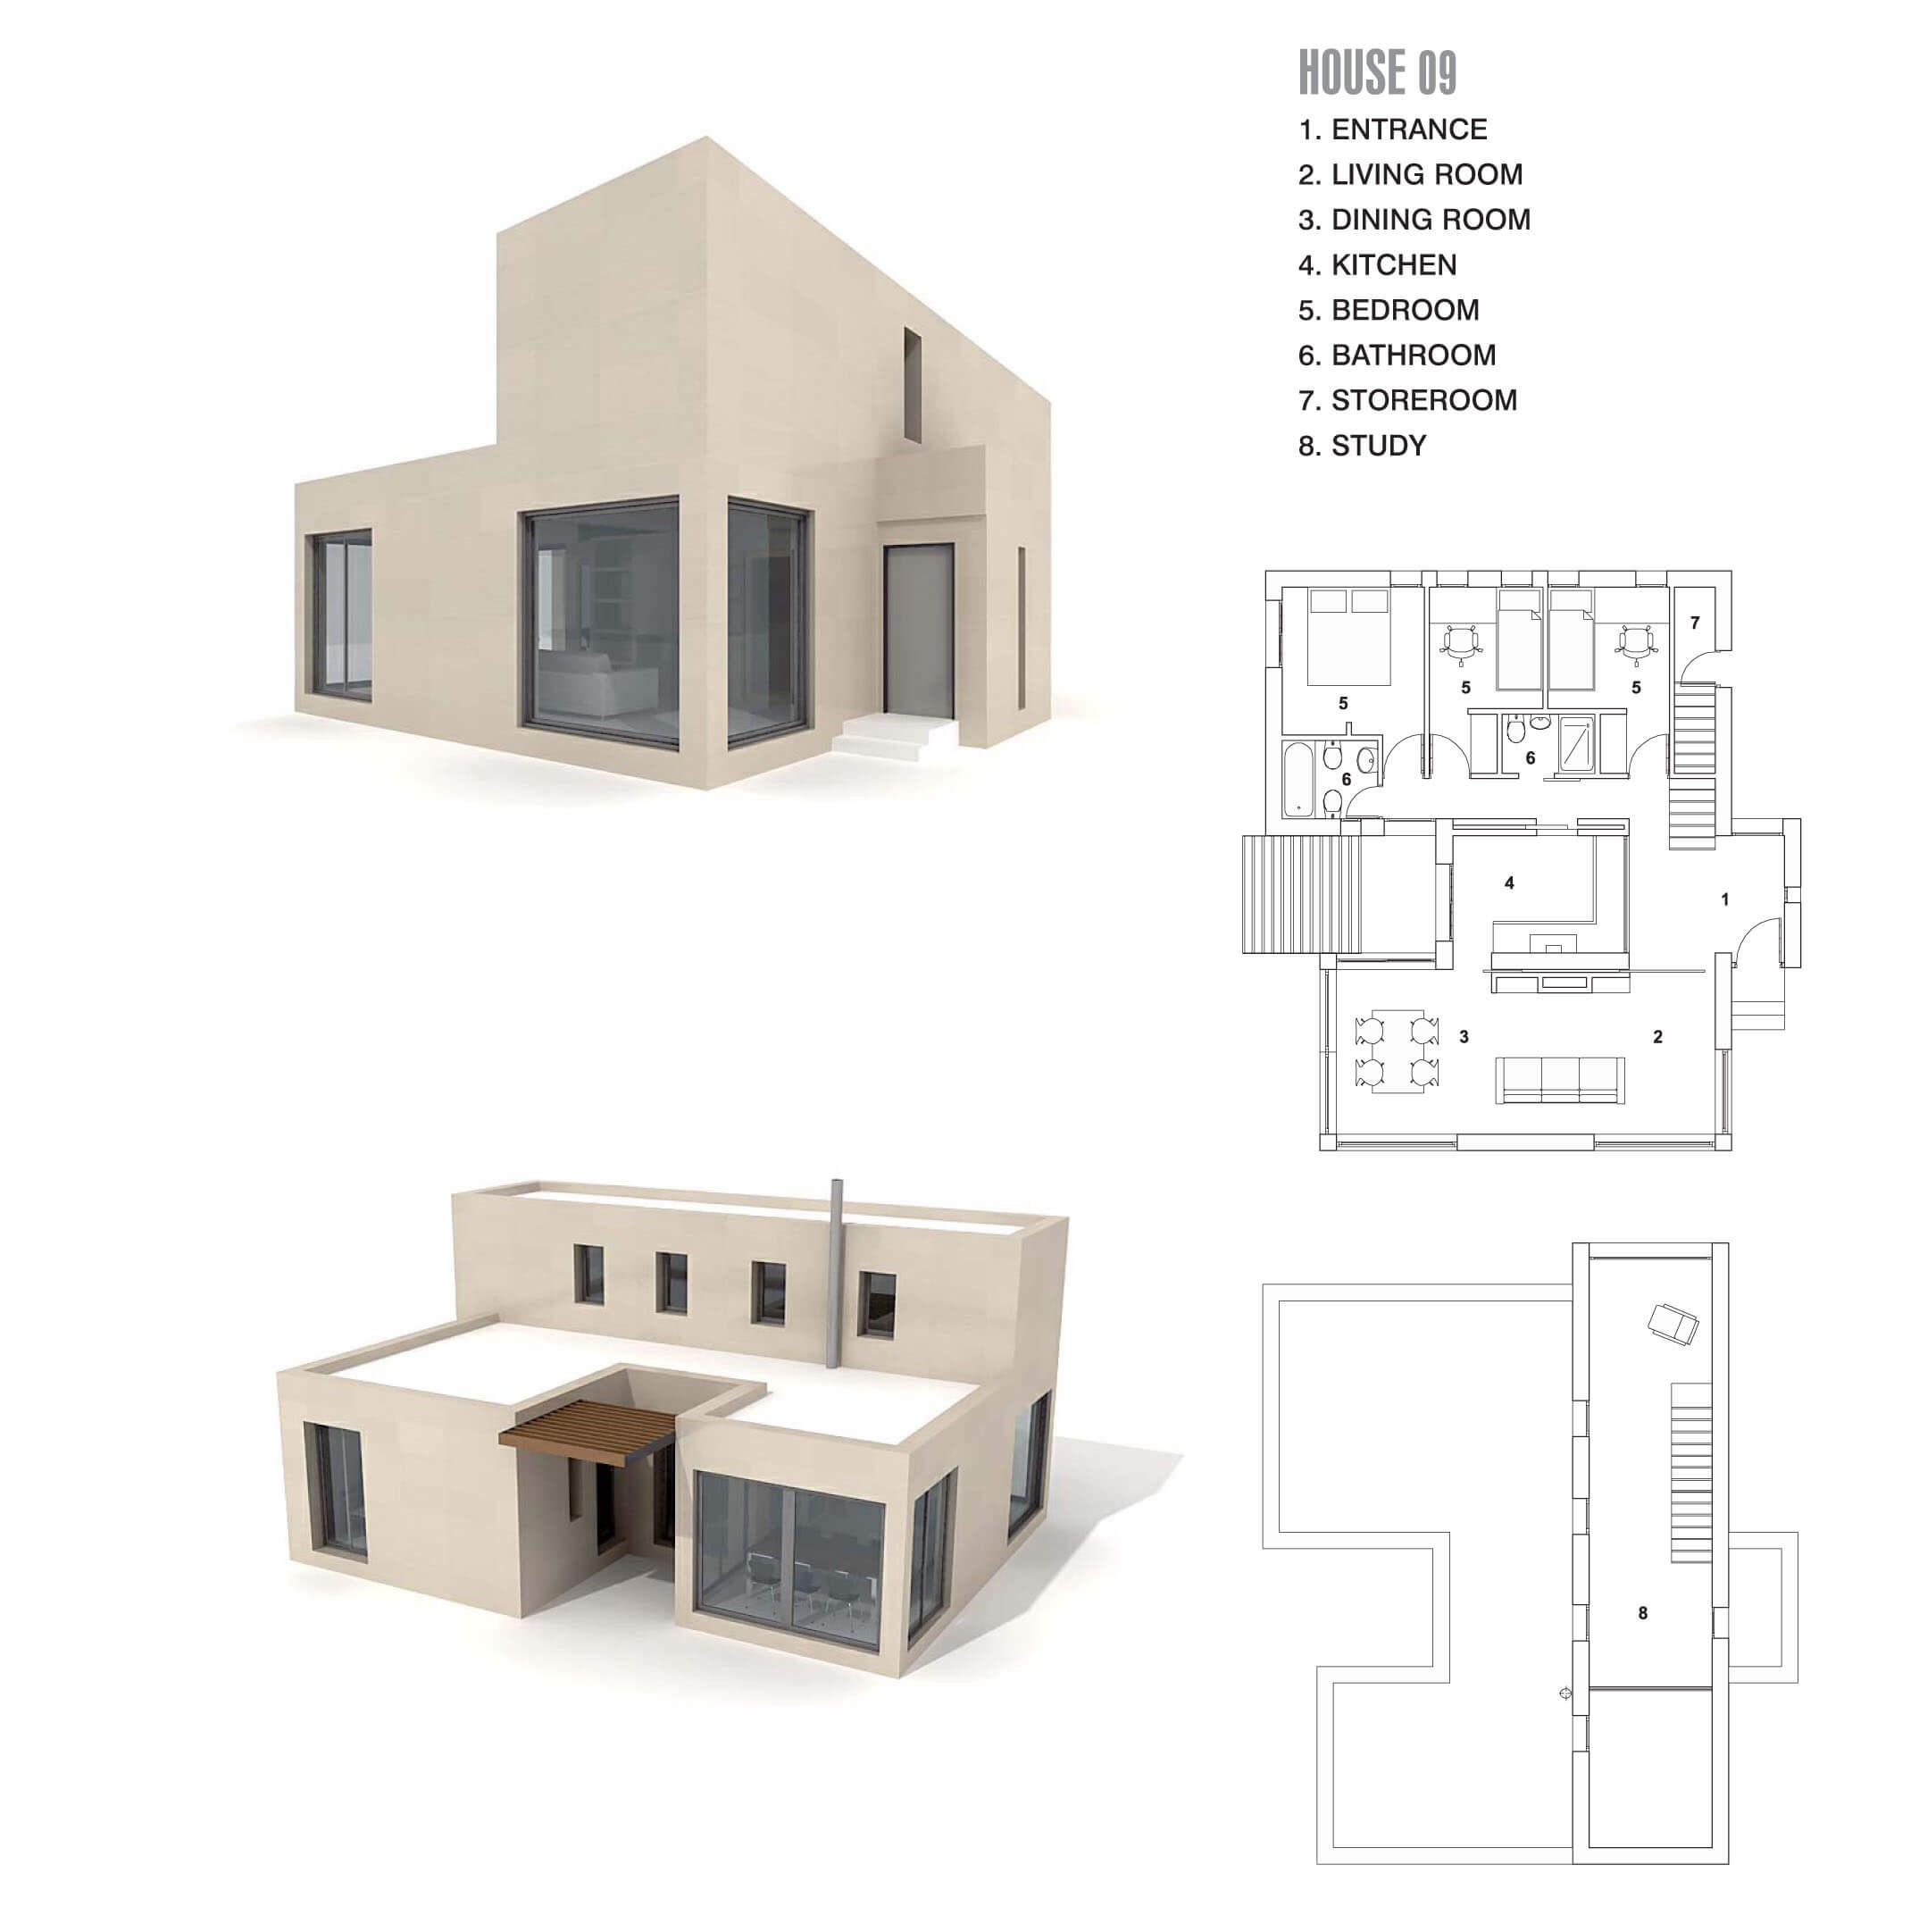 Căn biệt thự nhỏ với đường nét hiện đại, đơn giản